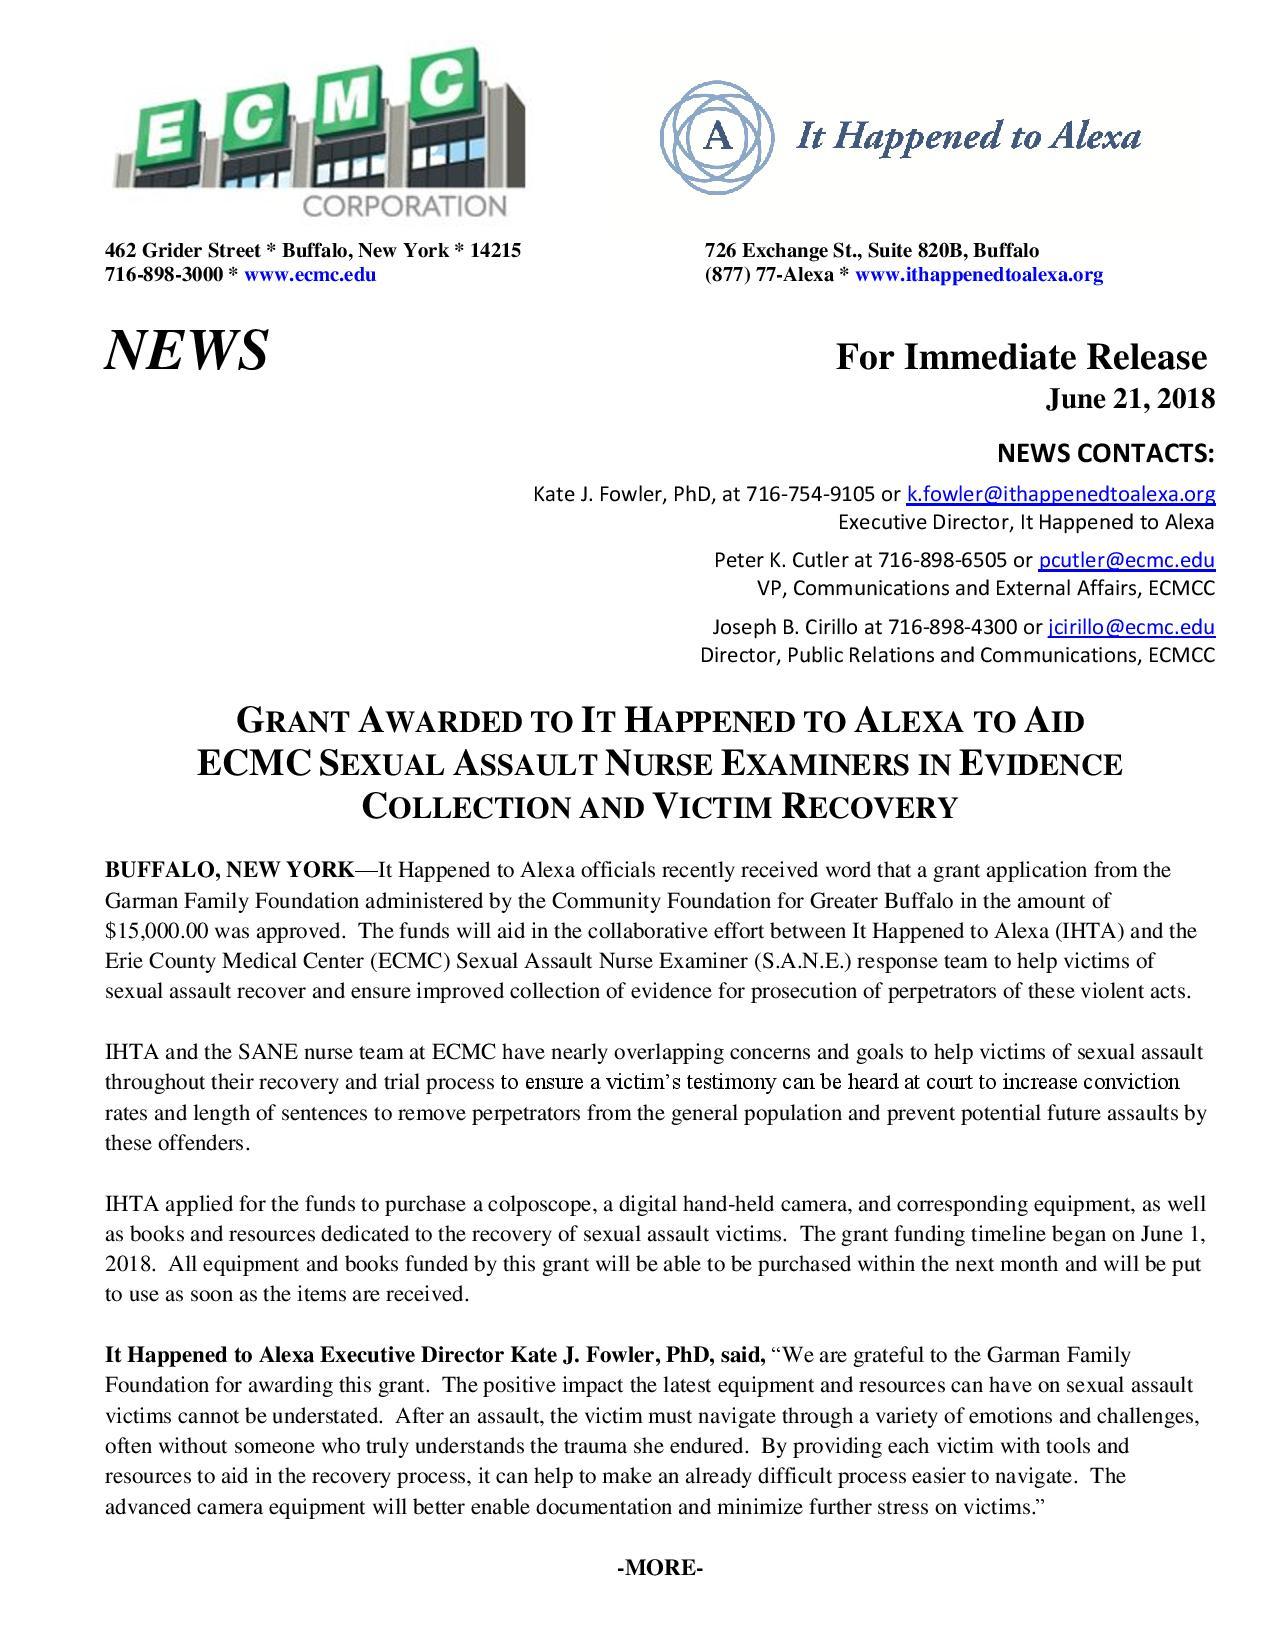 IHTA-ECMC-Garman Press Release